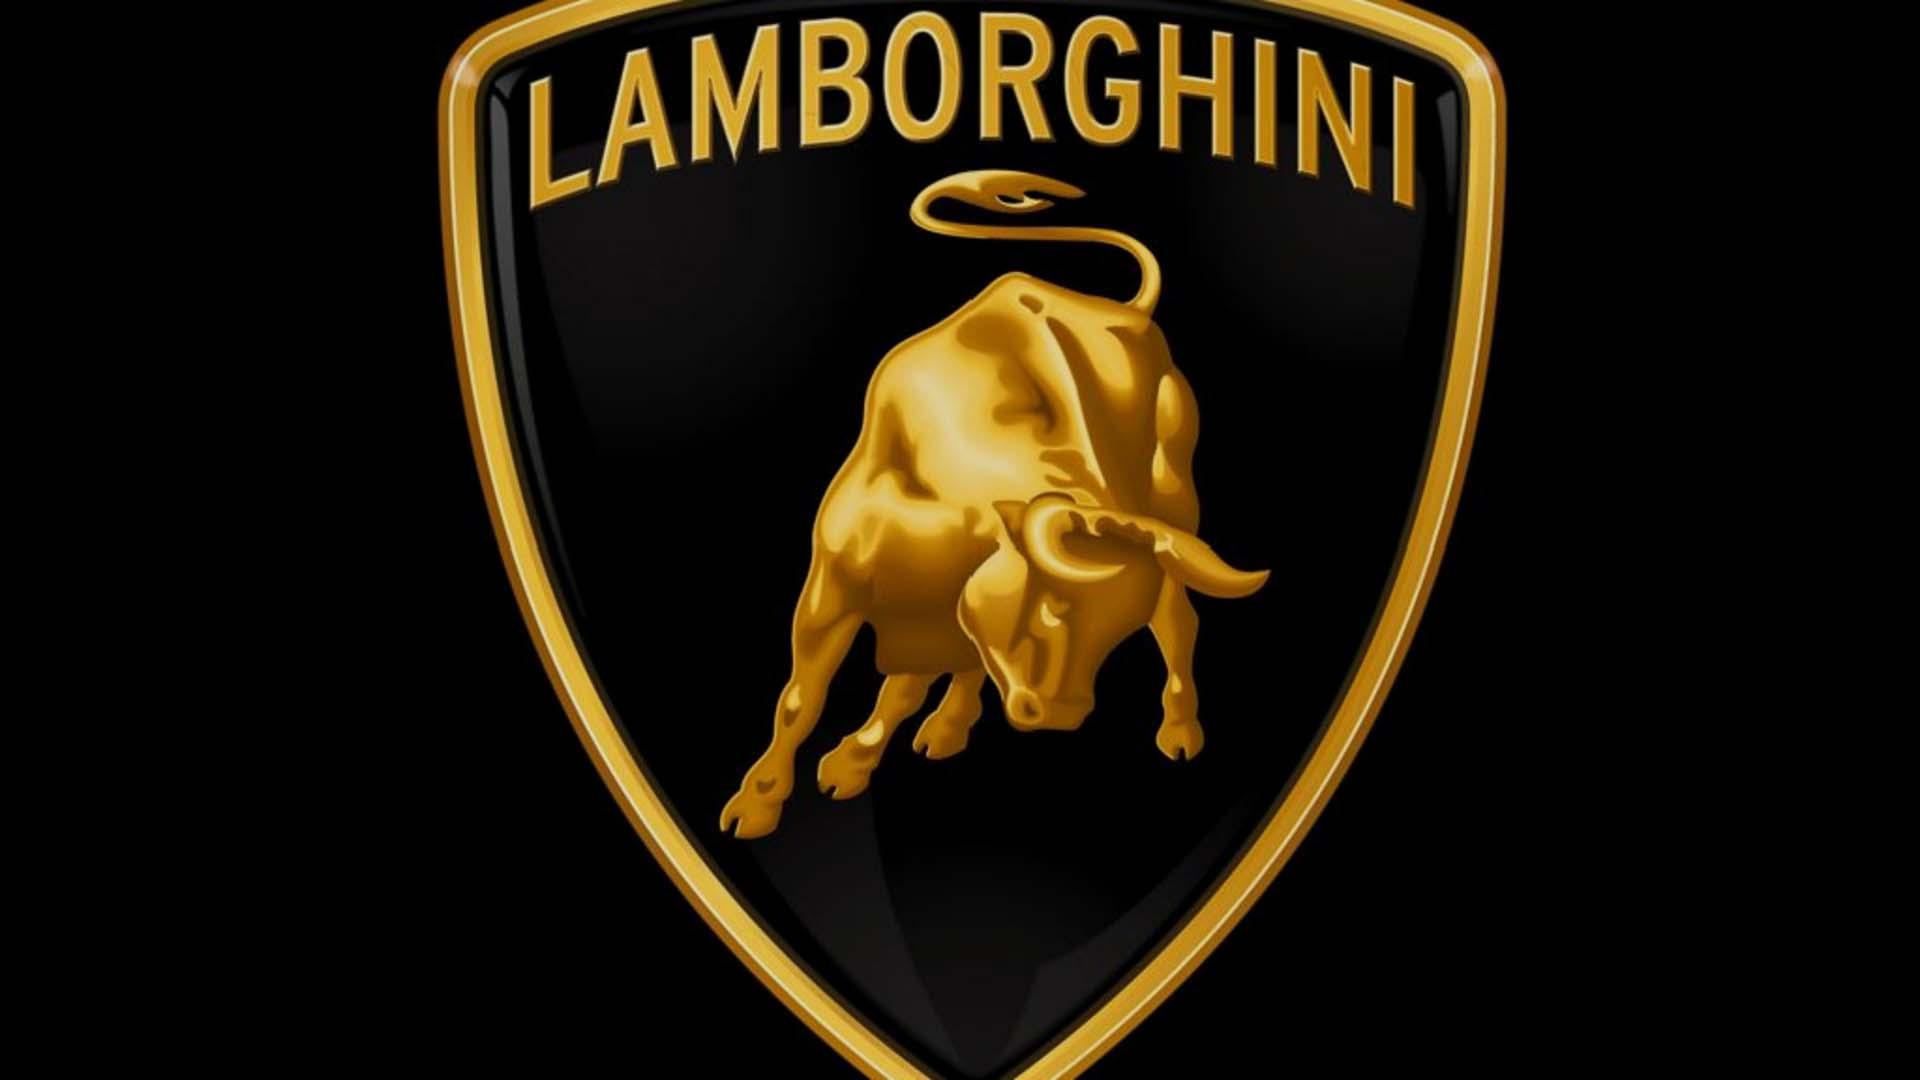 Lamborghini High Resolution Wallpaper - WallpaperSafari